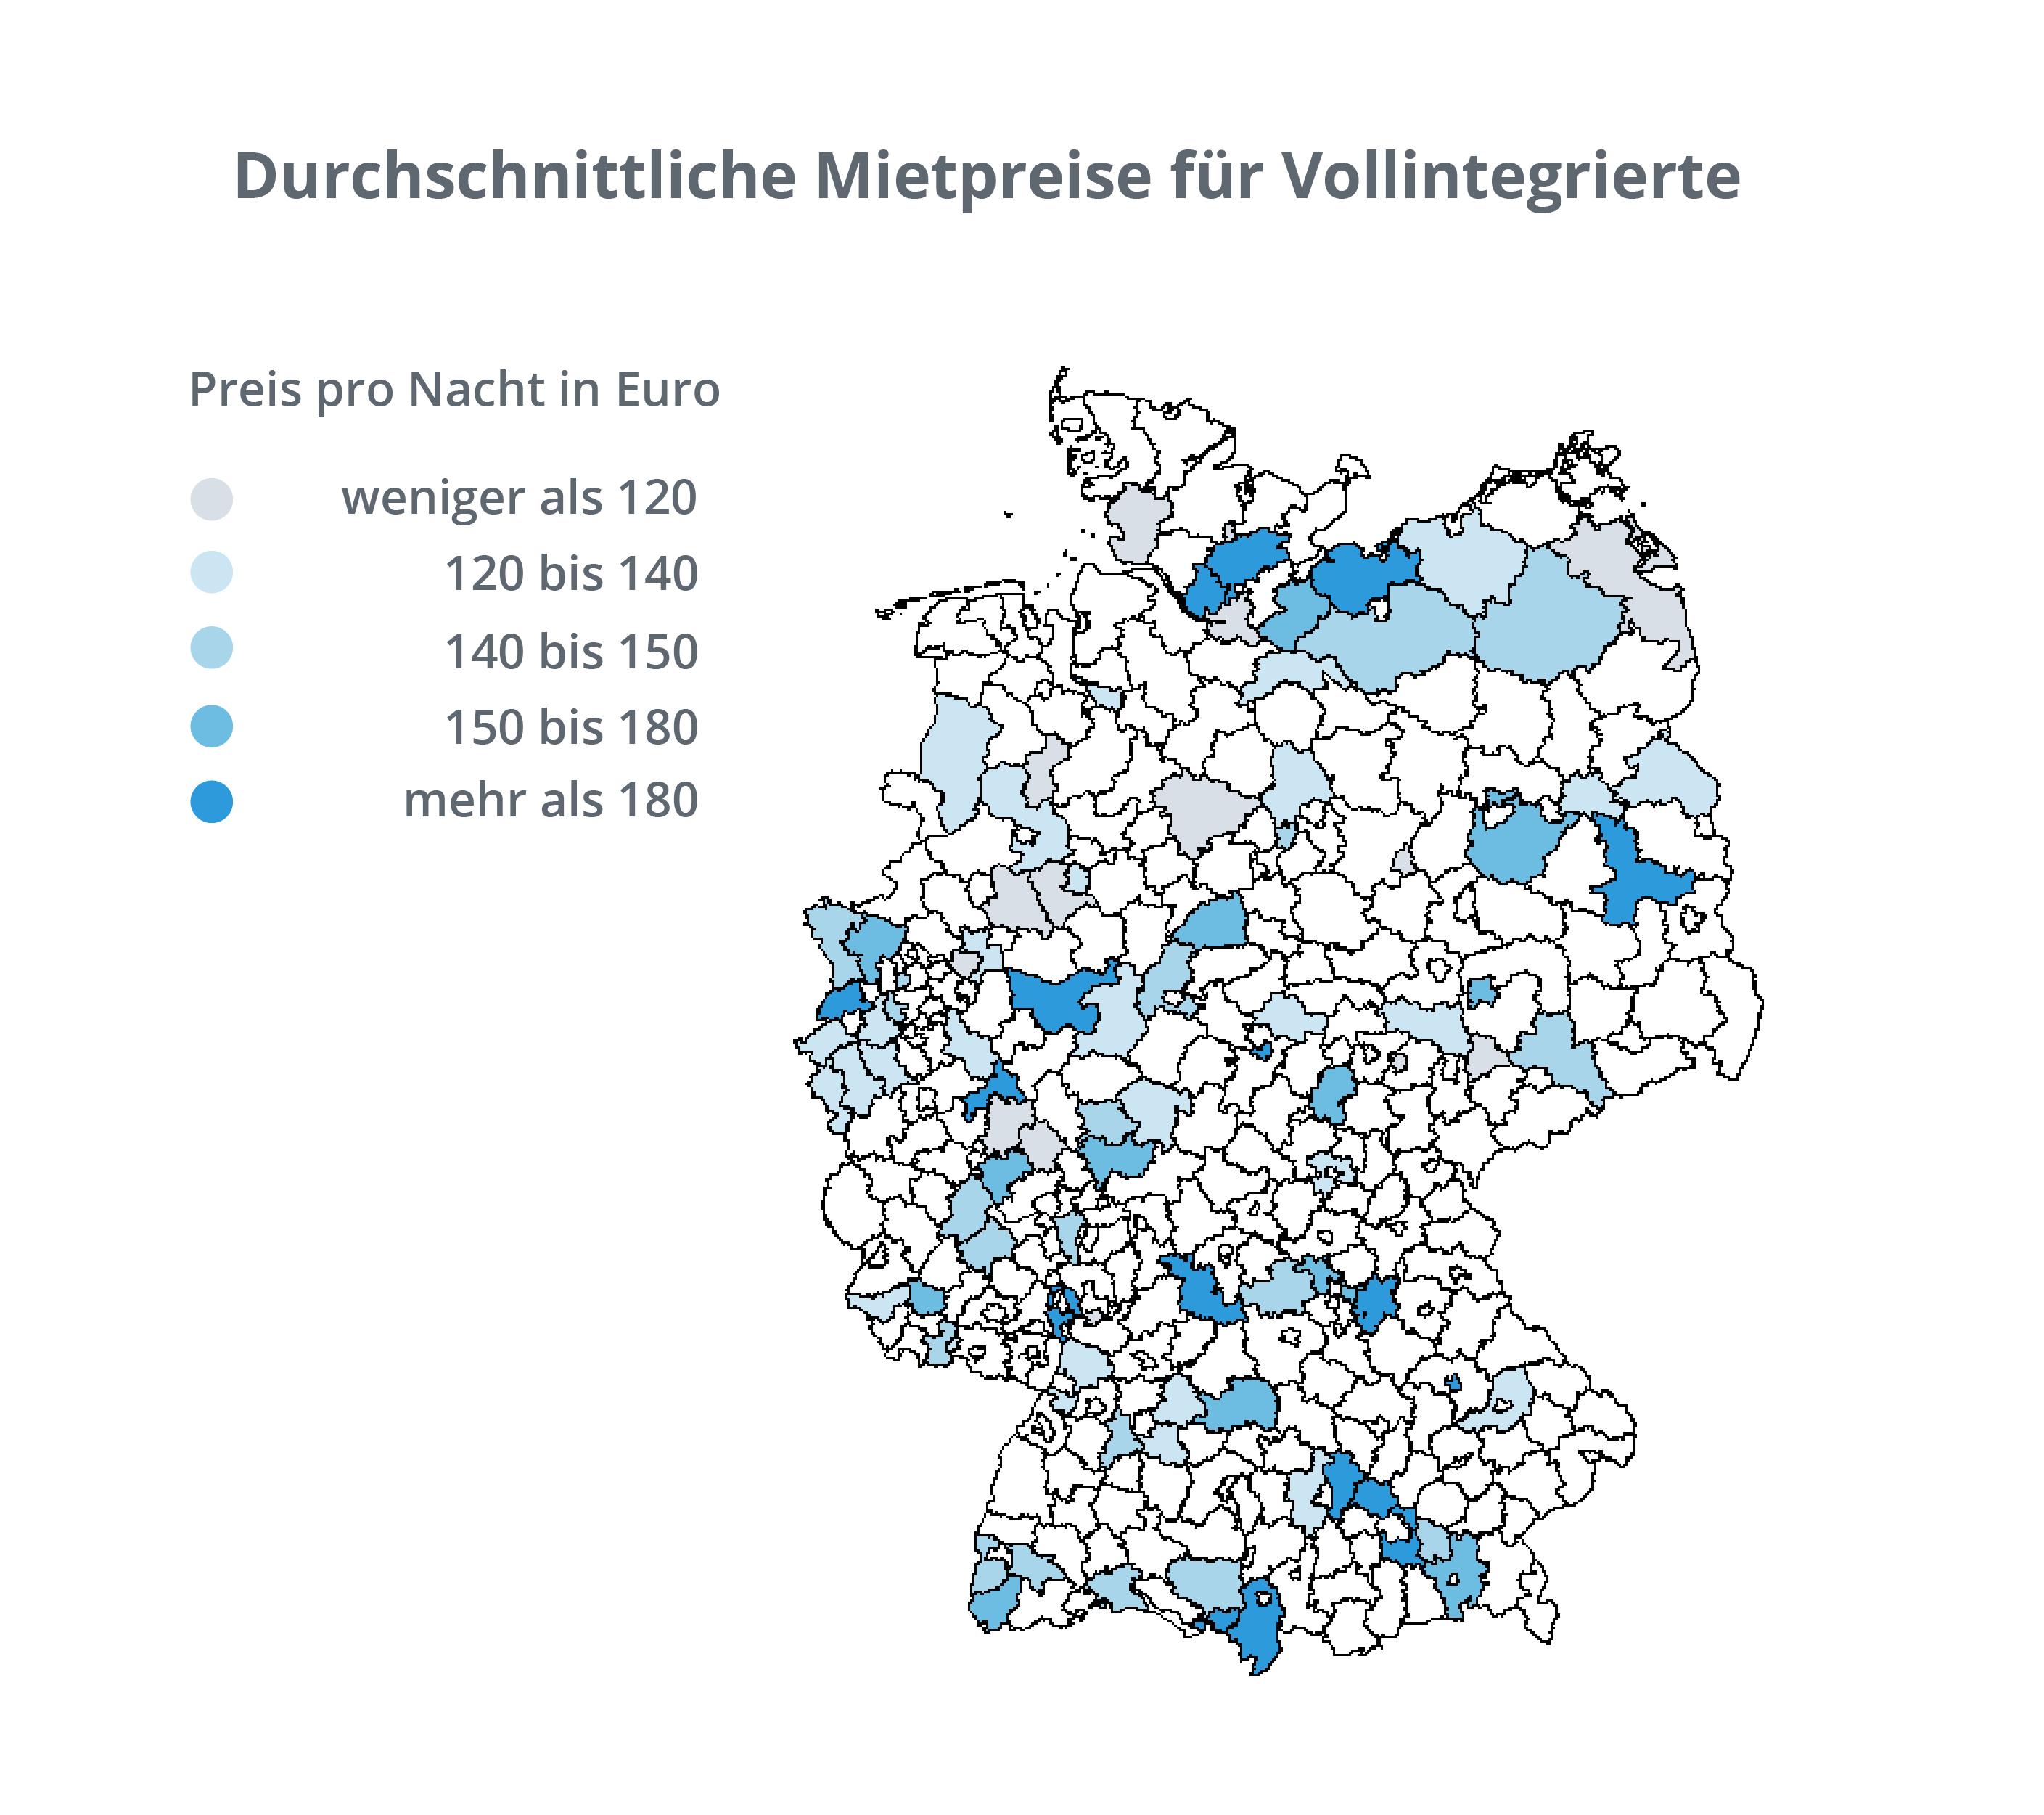 Abbildung 5.3: Karte - Mietpreise Vollintegrierte in Deutschland